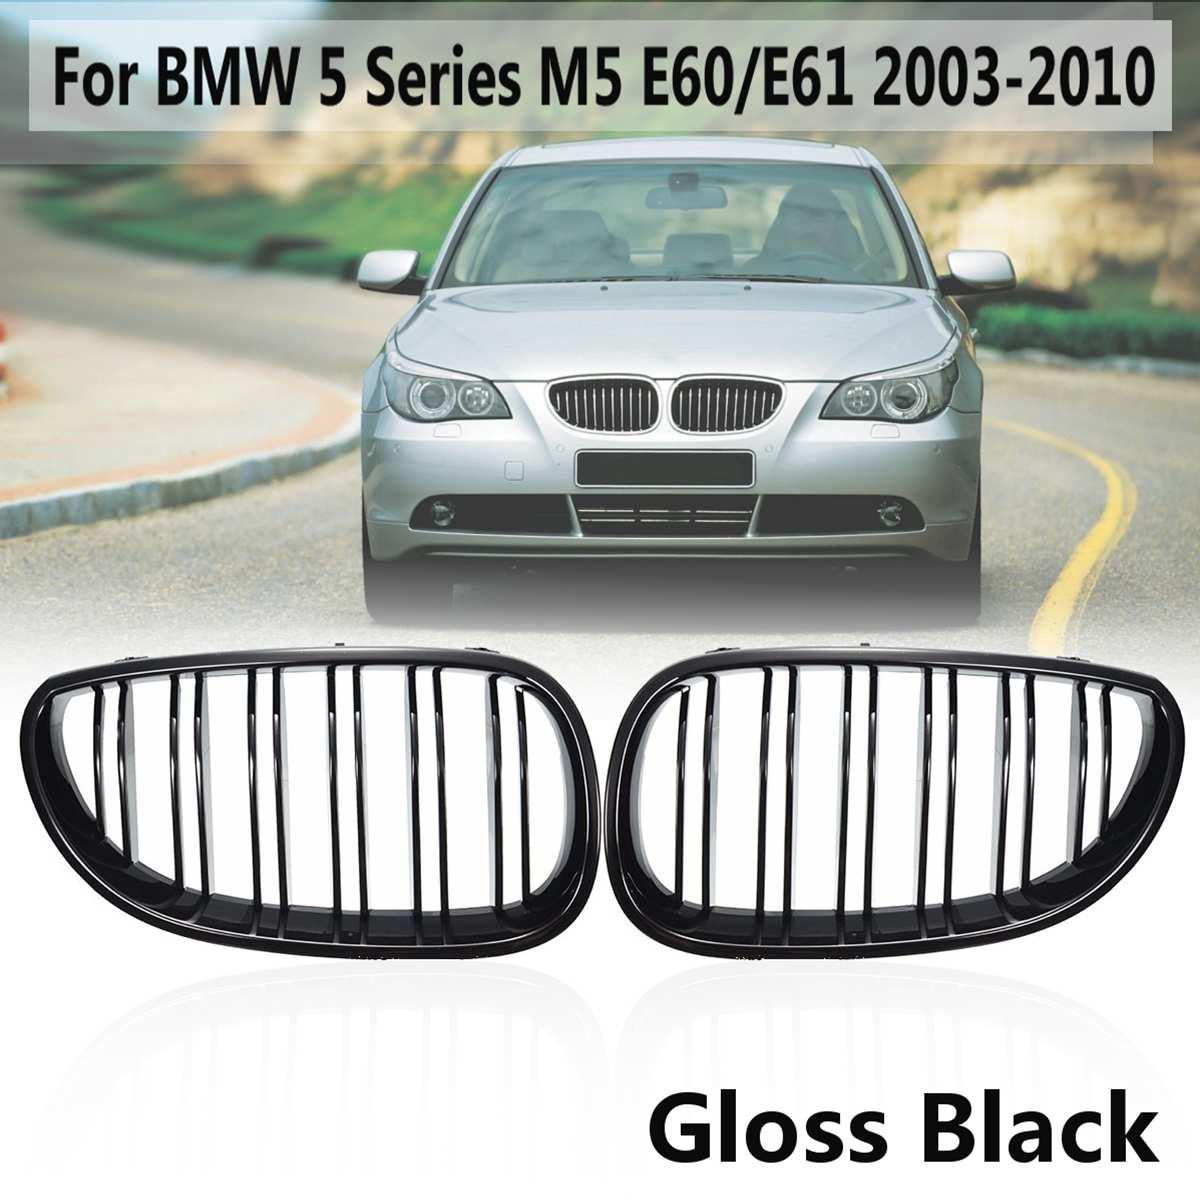 רכב קדמי ספורט גריל כליות סורגי גריל עבור BMW 5 סדרת M5 E60/E61 2003 2004 2005 2006 2007 2008 2009 2010 גלוס שחור